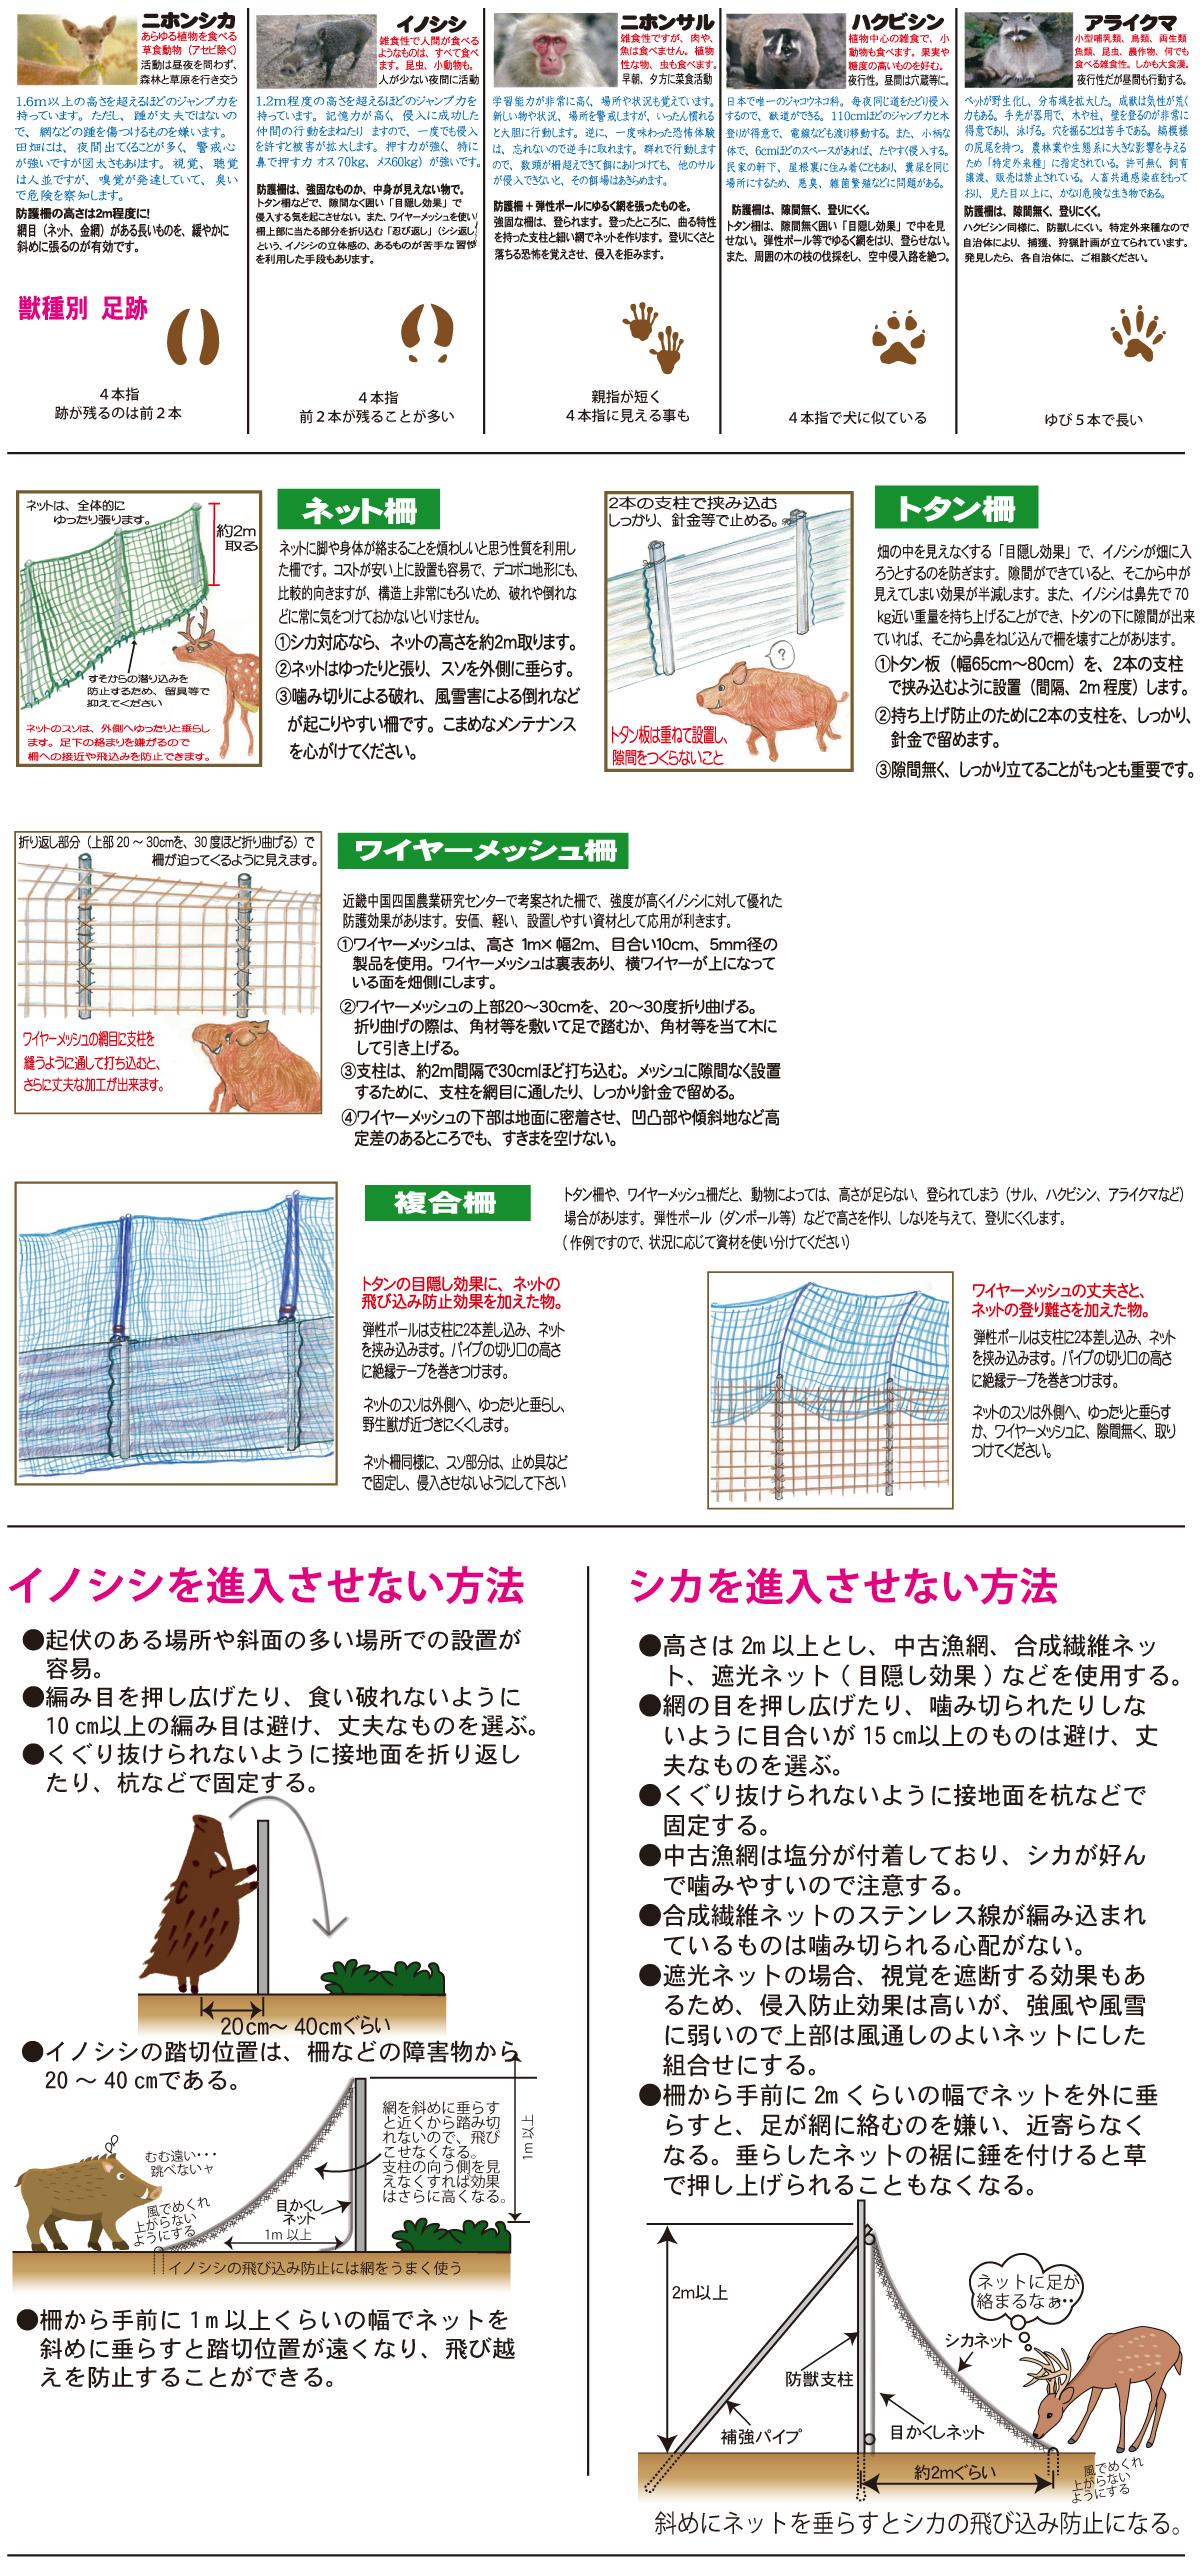 防獣別 対策方法01